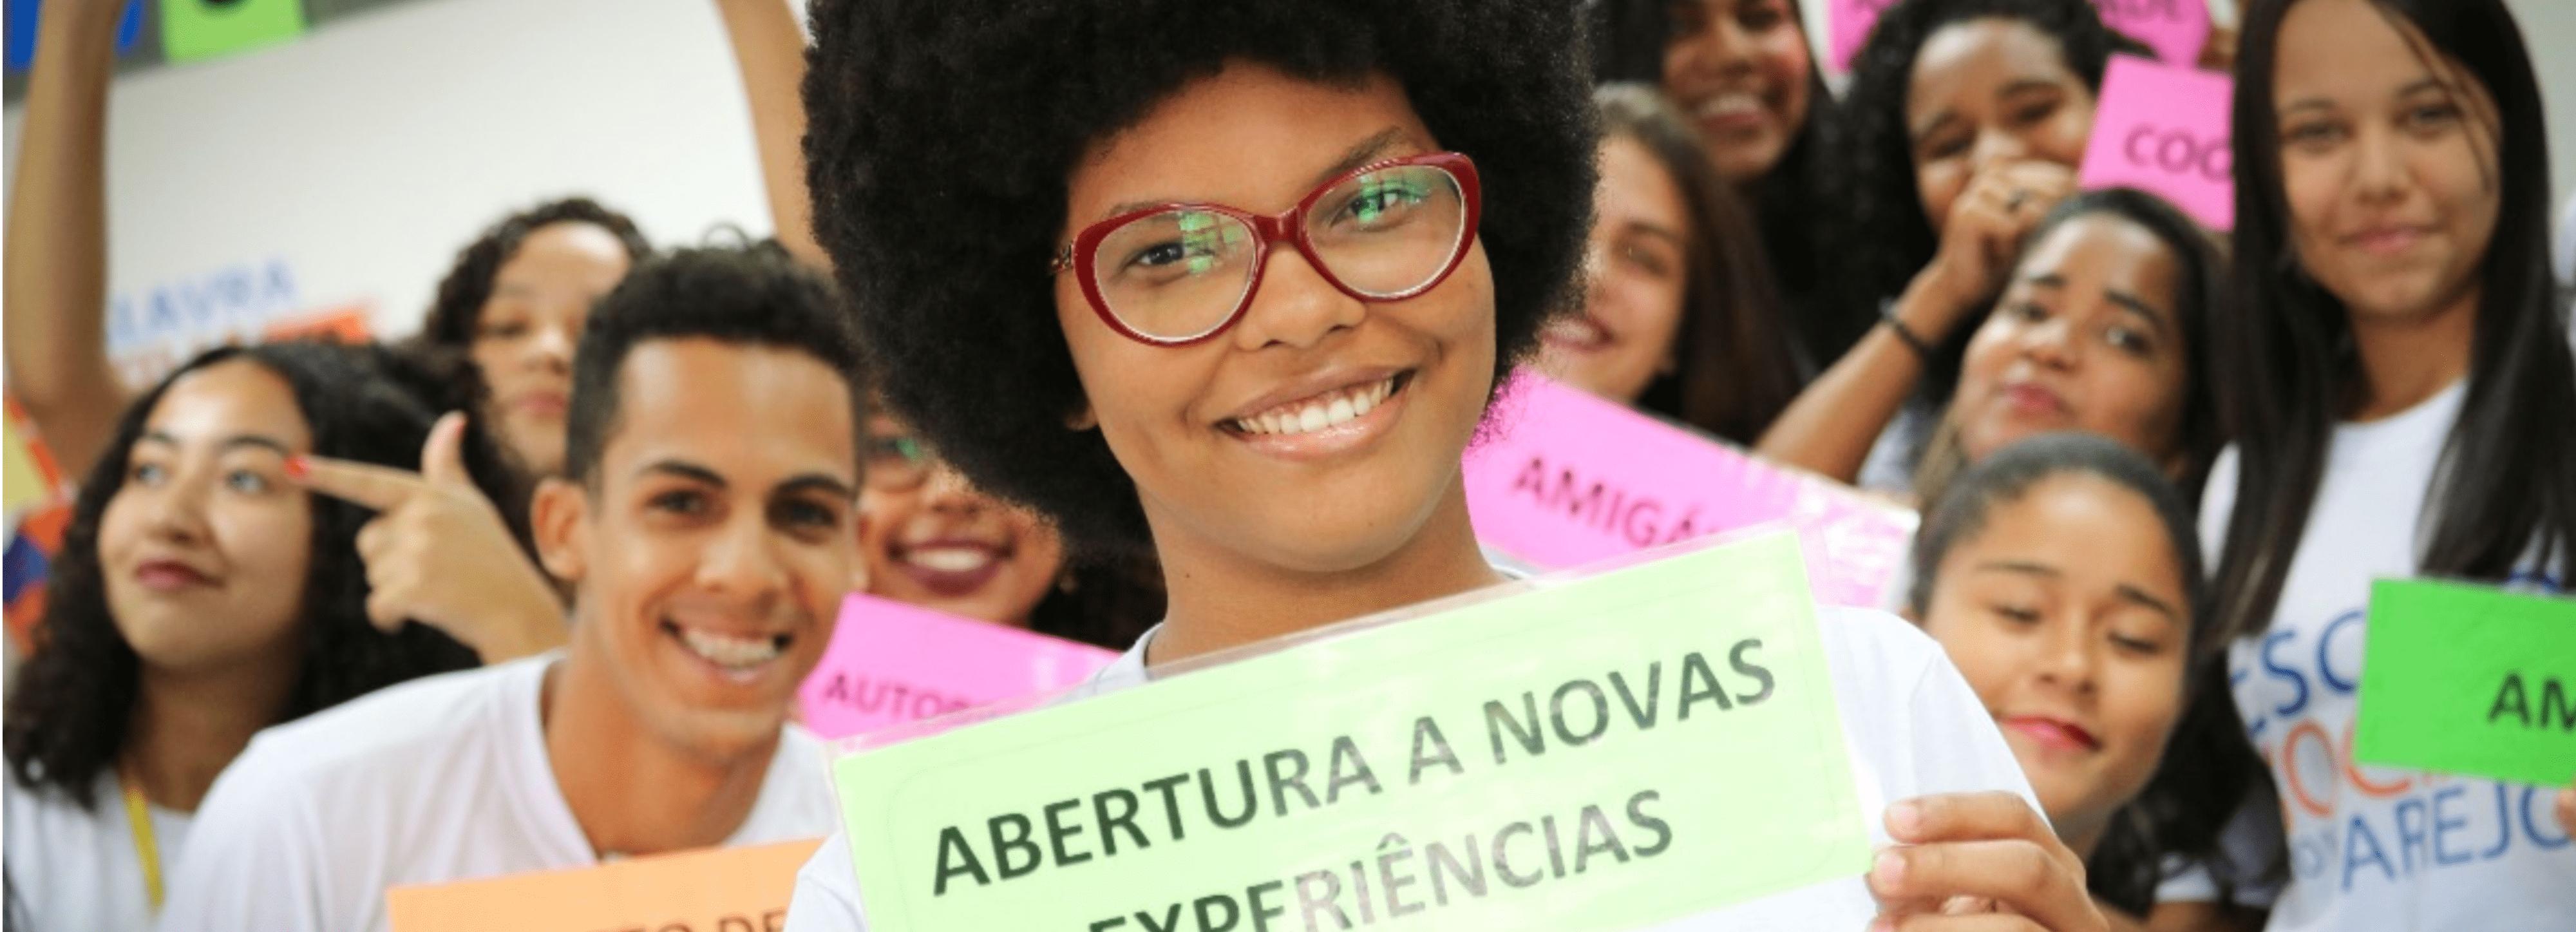 """Aluna da escola social do varejo segurando um placa com os dizeres """"Abertura a novas experiencias""""."""